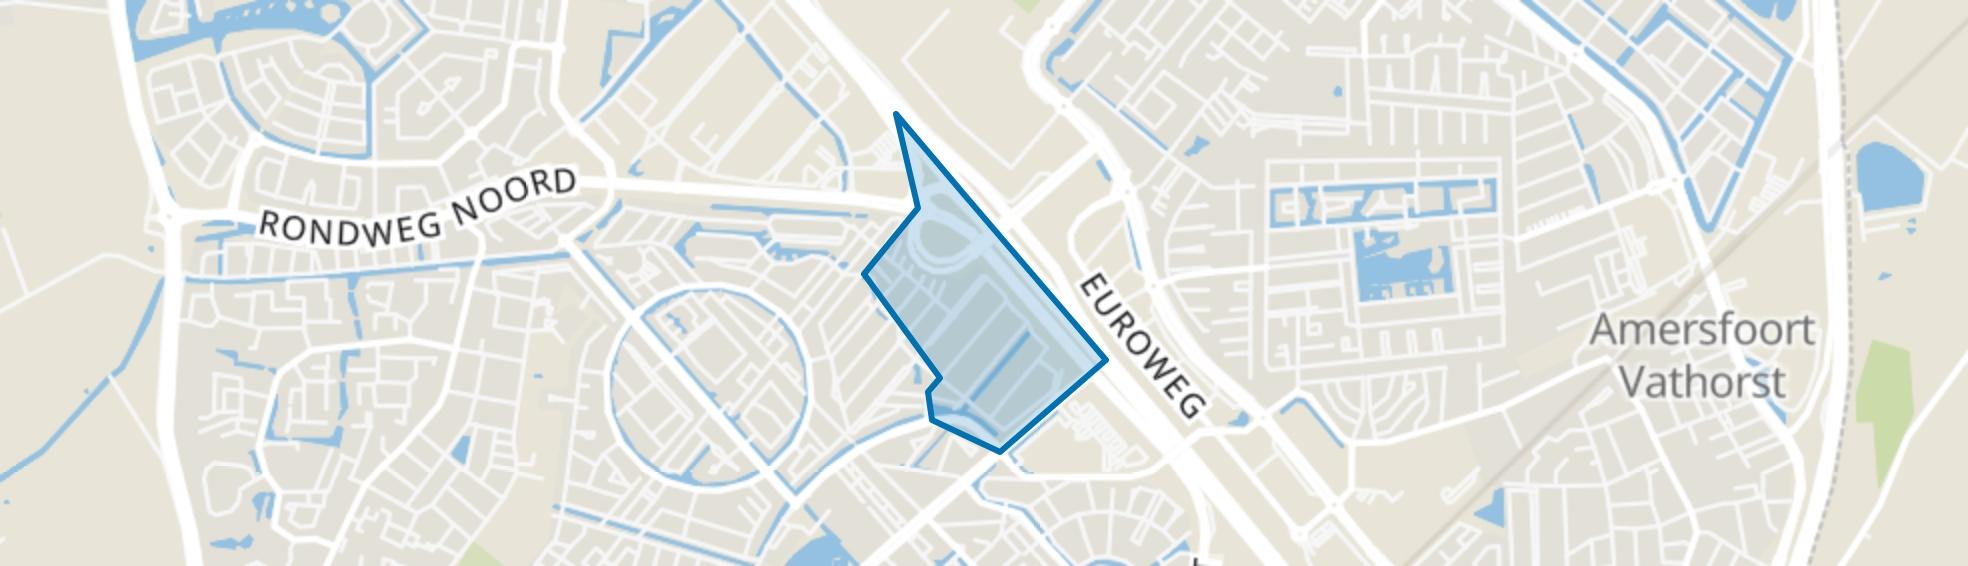 Het Hallehuis, Amersfoort map